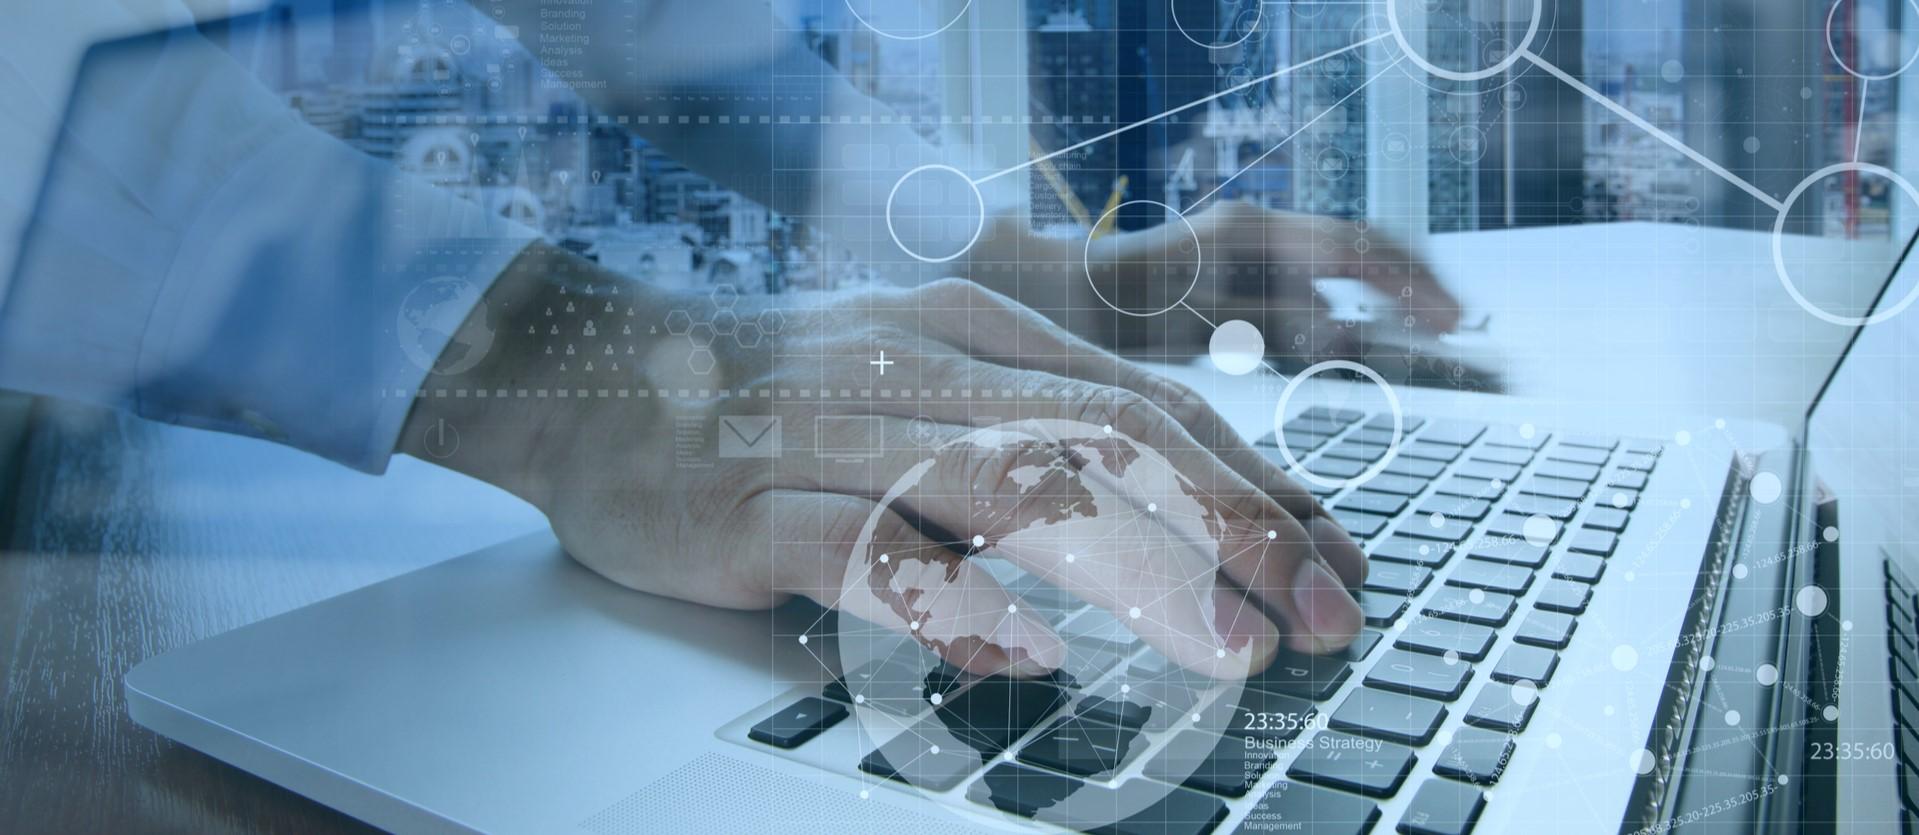 GST Vendor Portal